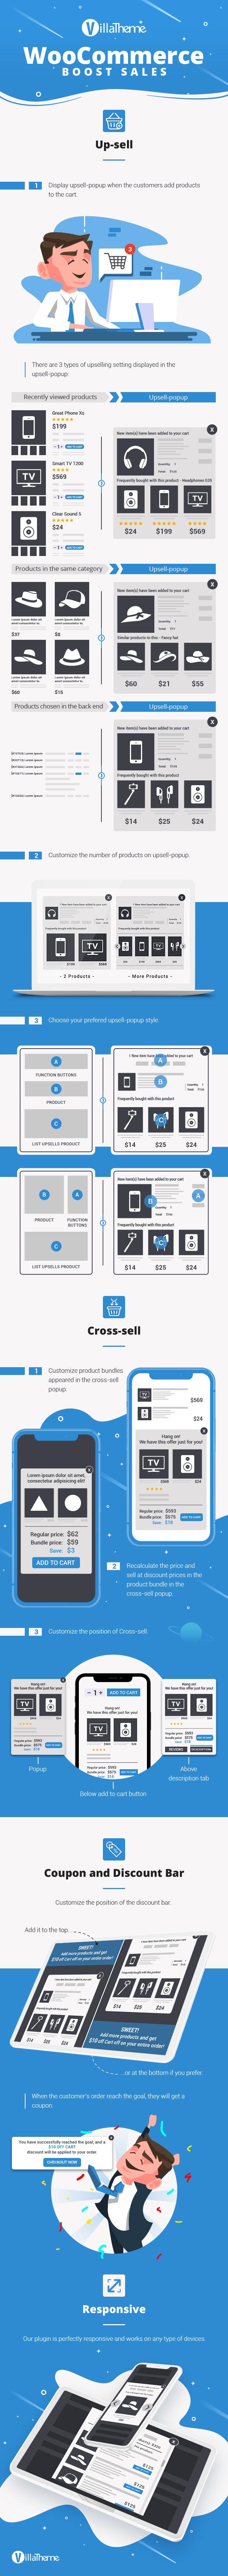 WooCommerce Boost Sales - Upsells & Cross Sells Popups & Discount 4